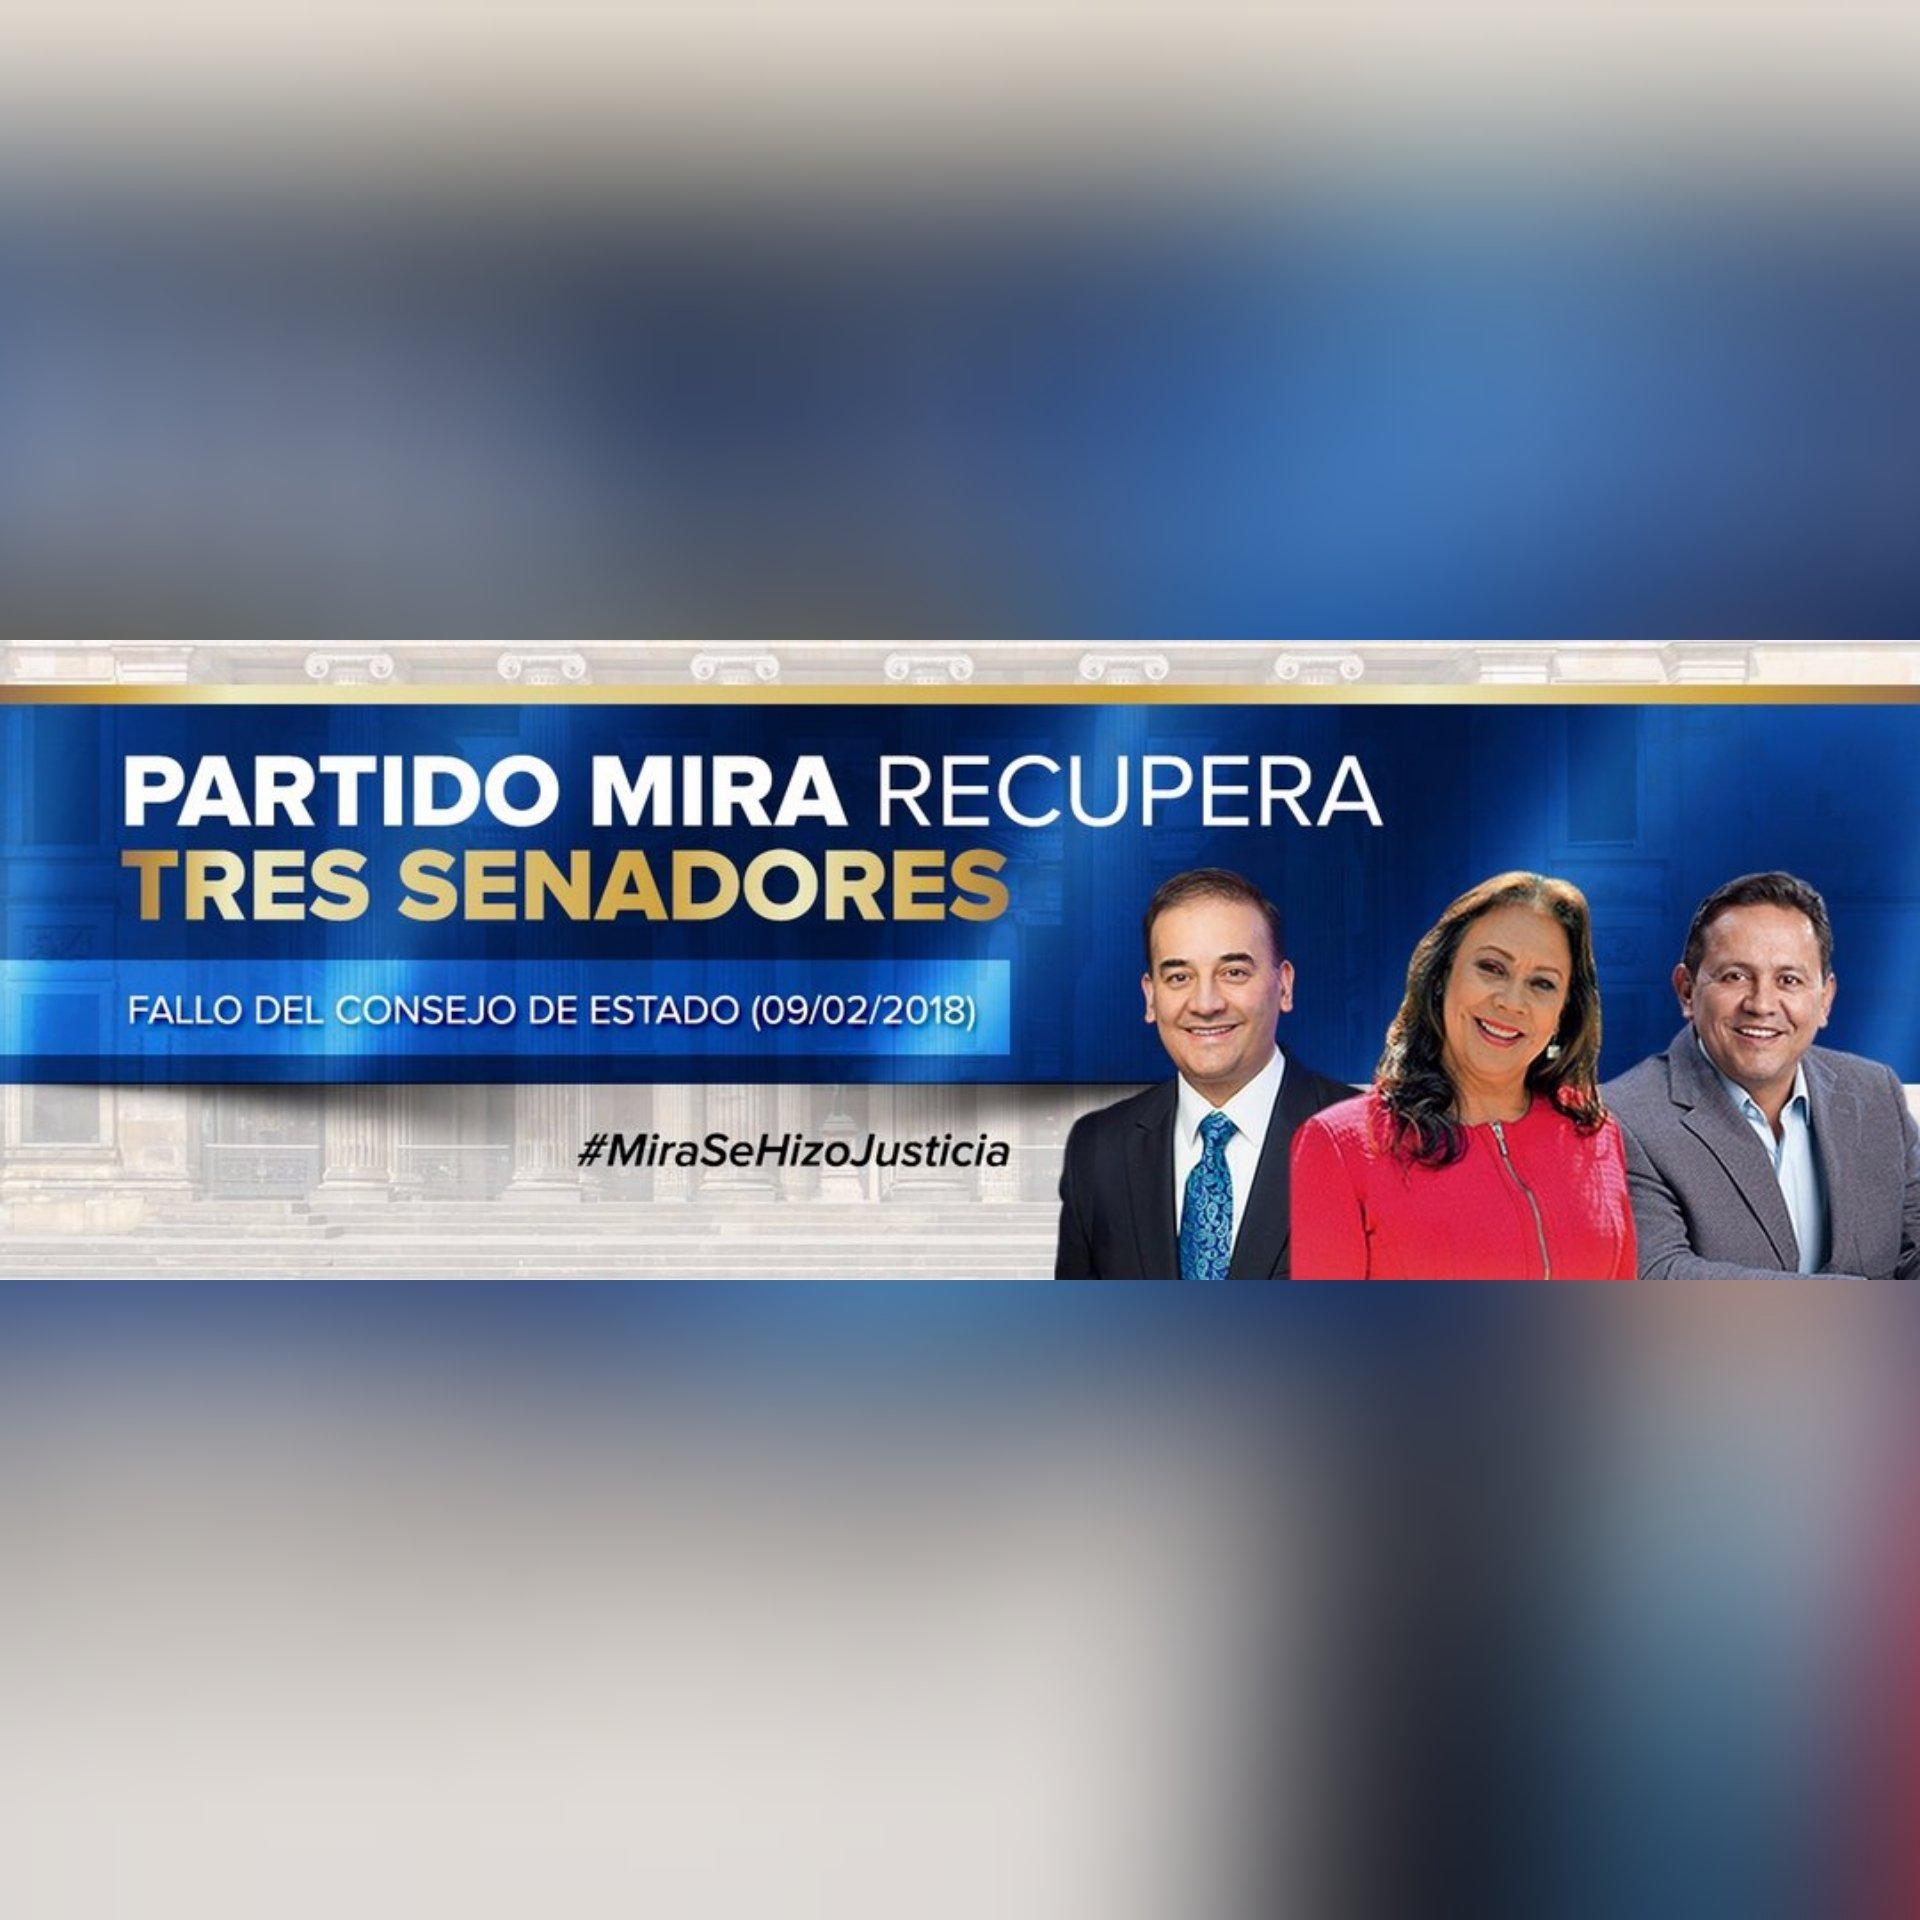 #MiraSeHizoJusticia la dignidad vale más que el dinero.gran ejemplo de los 3 senadores para Colombia al No cobrar sus salarios. Con MIRA ganamos todos apoyemos sus candidatos este 11de marzo. Se ha demostrado transparencia y principios con @MovimientoMIRA . https://t.co/ItQvT7AKYQ